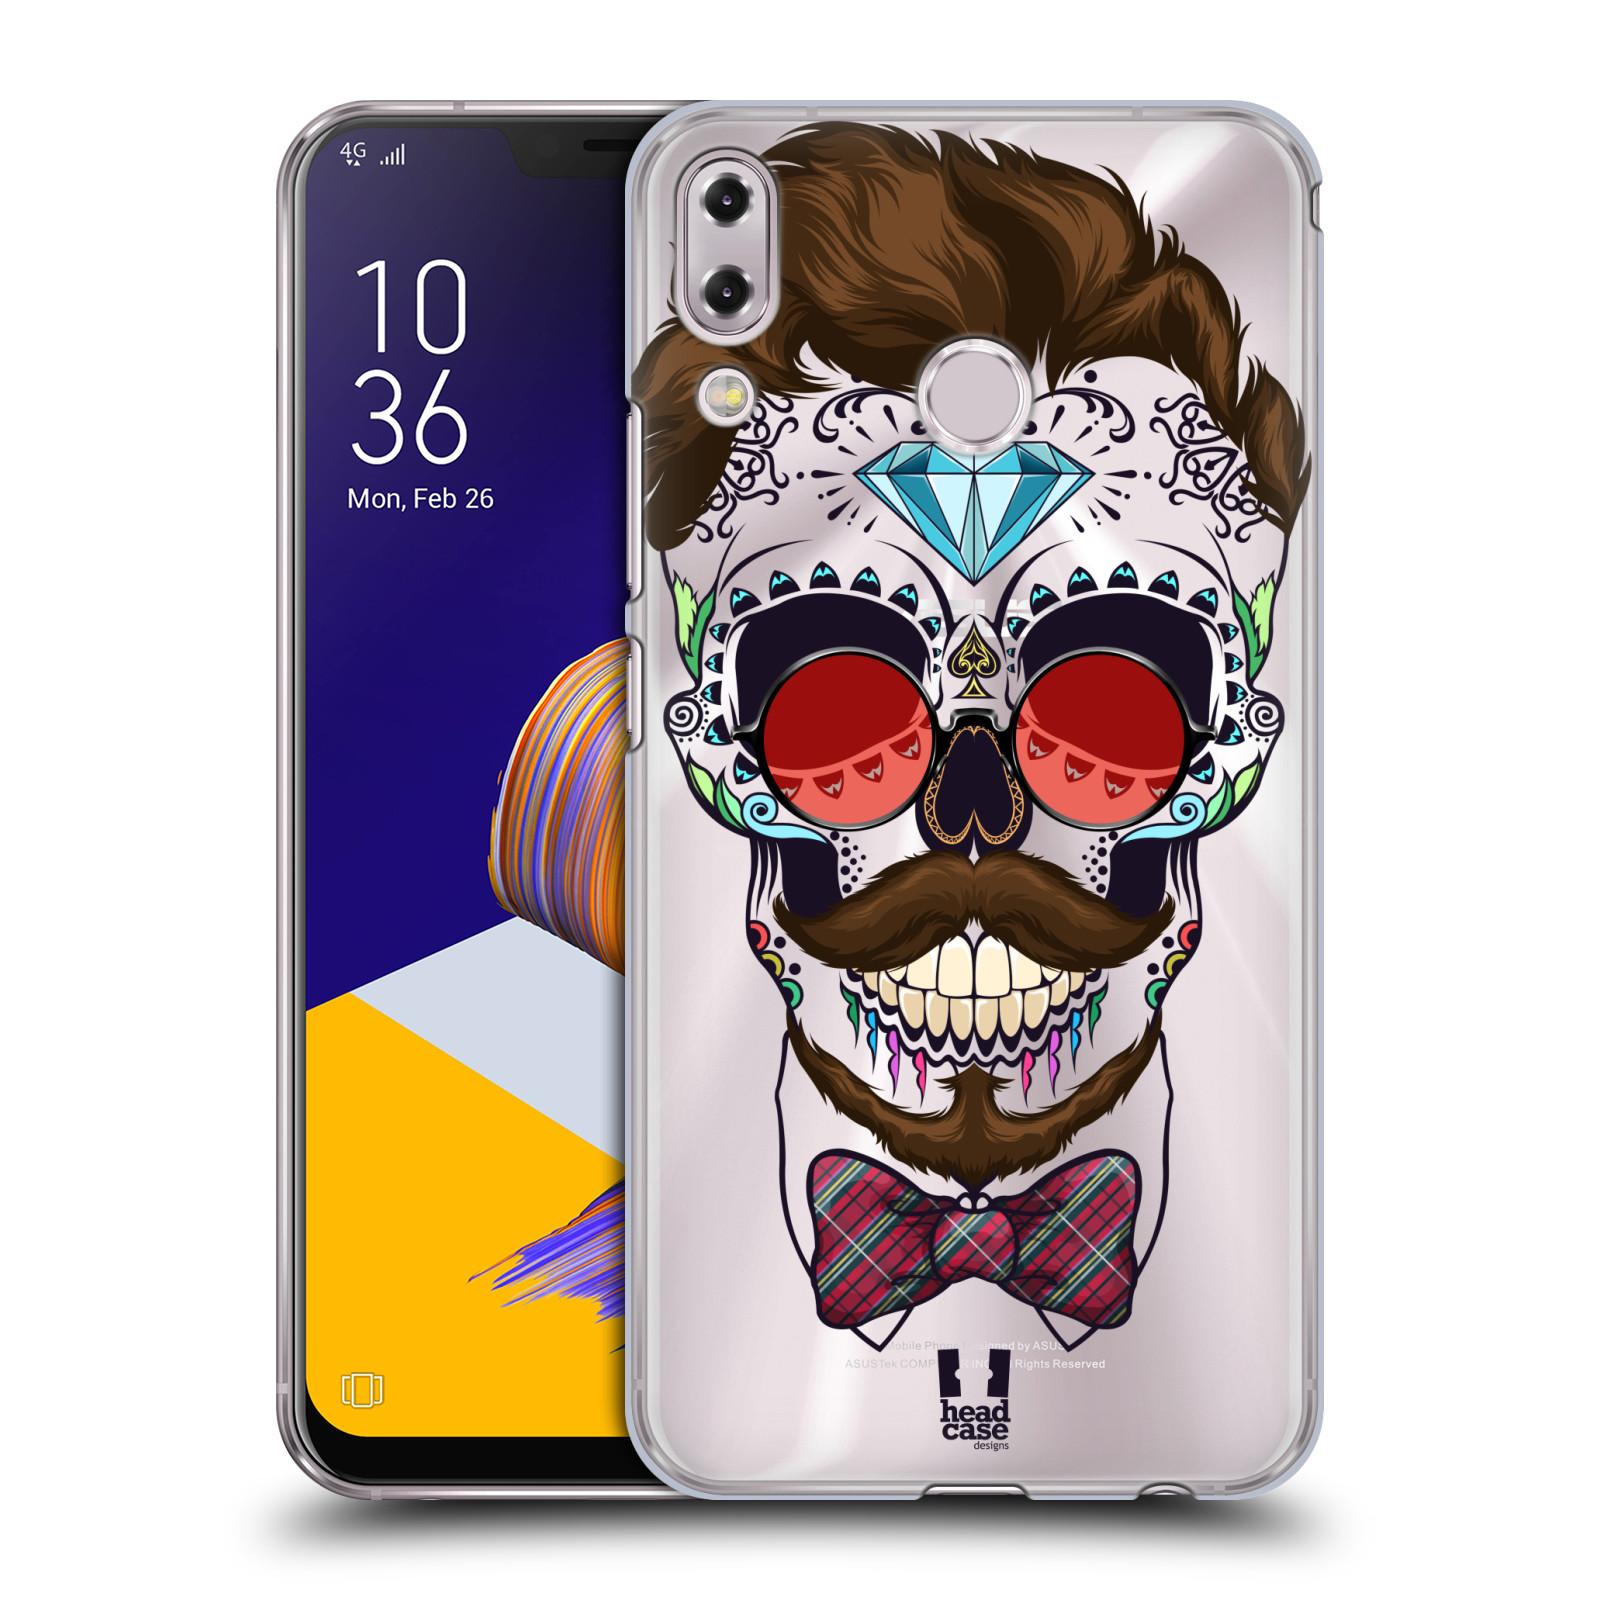 Plastové pouzdro na mobil Asus Zenfone 5z ZS620KL - Head Case - Lebka hipstra (Plastový kryt či obal na mobilní telefon Asus Zenfone 5z (ZS620KL) s motivem Lebka hipstra)